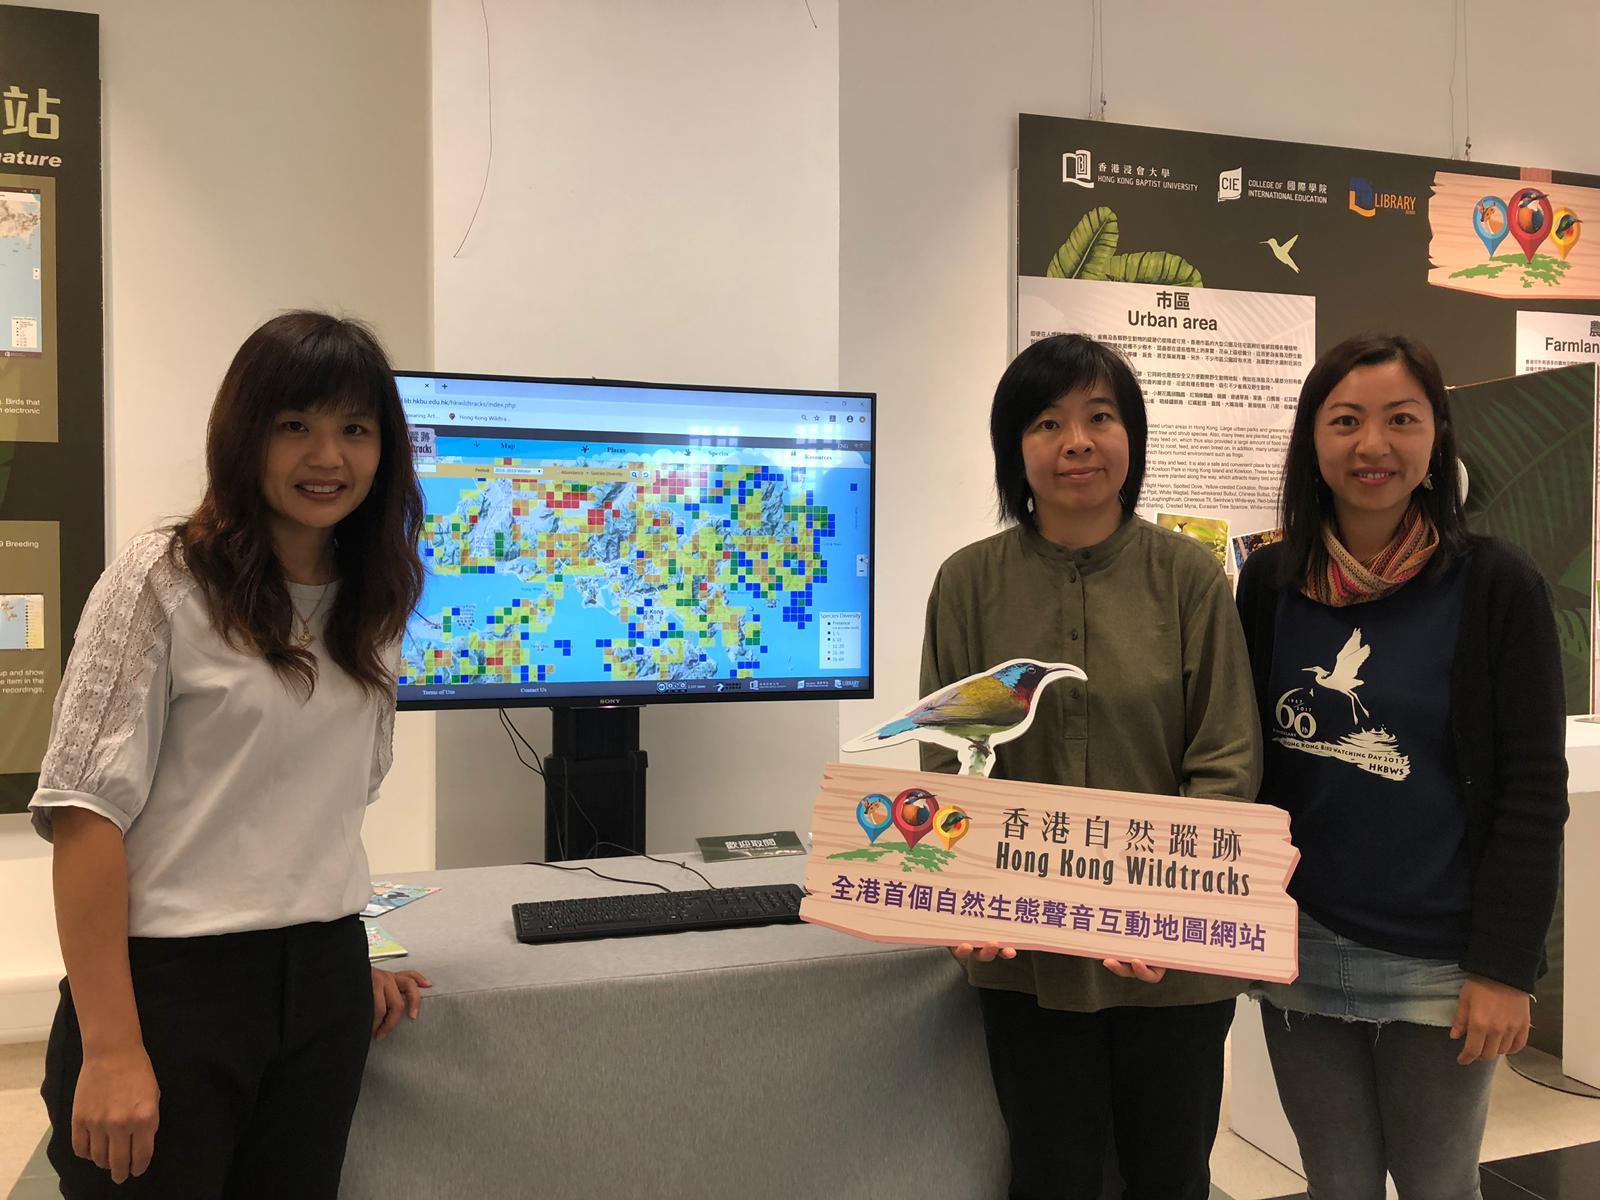 网站收录逾6万项本地生态数据 以声音导航认识雀鸟